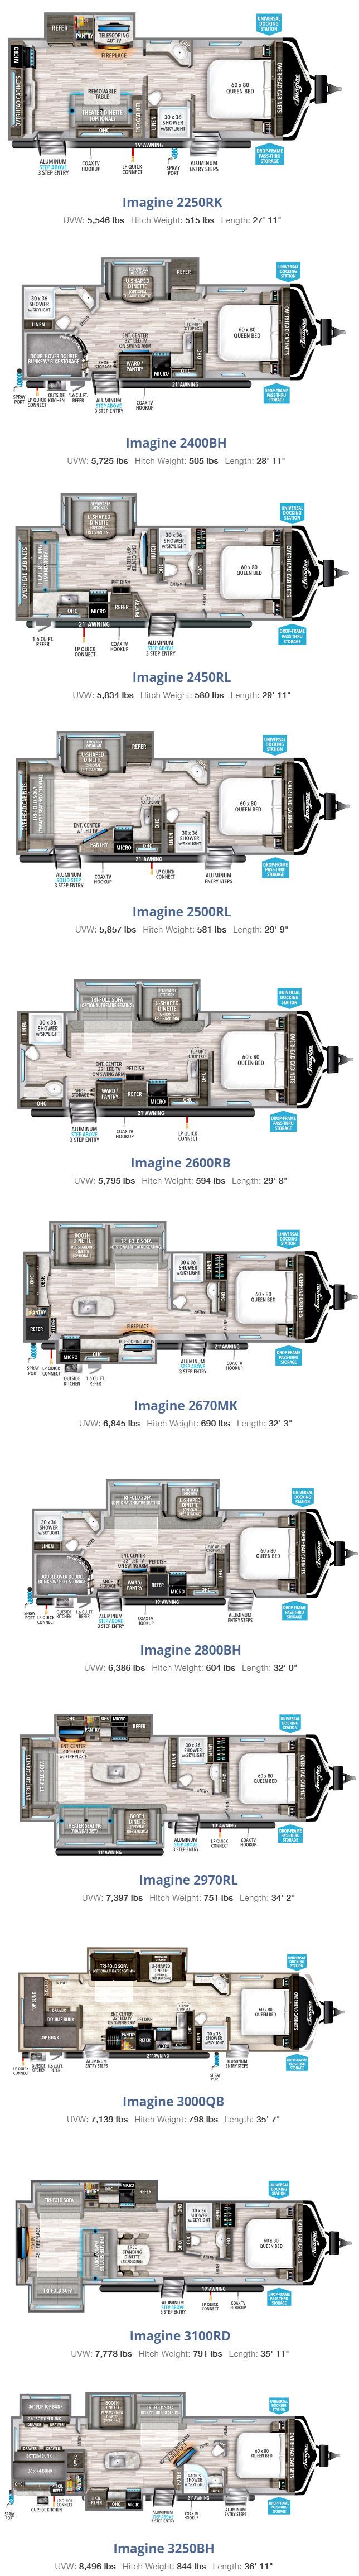 2020-grand-design-imagine-floorplans